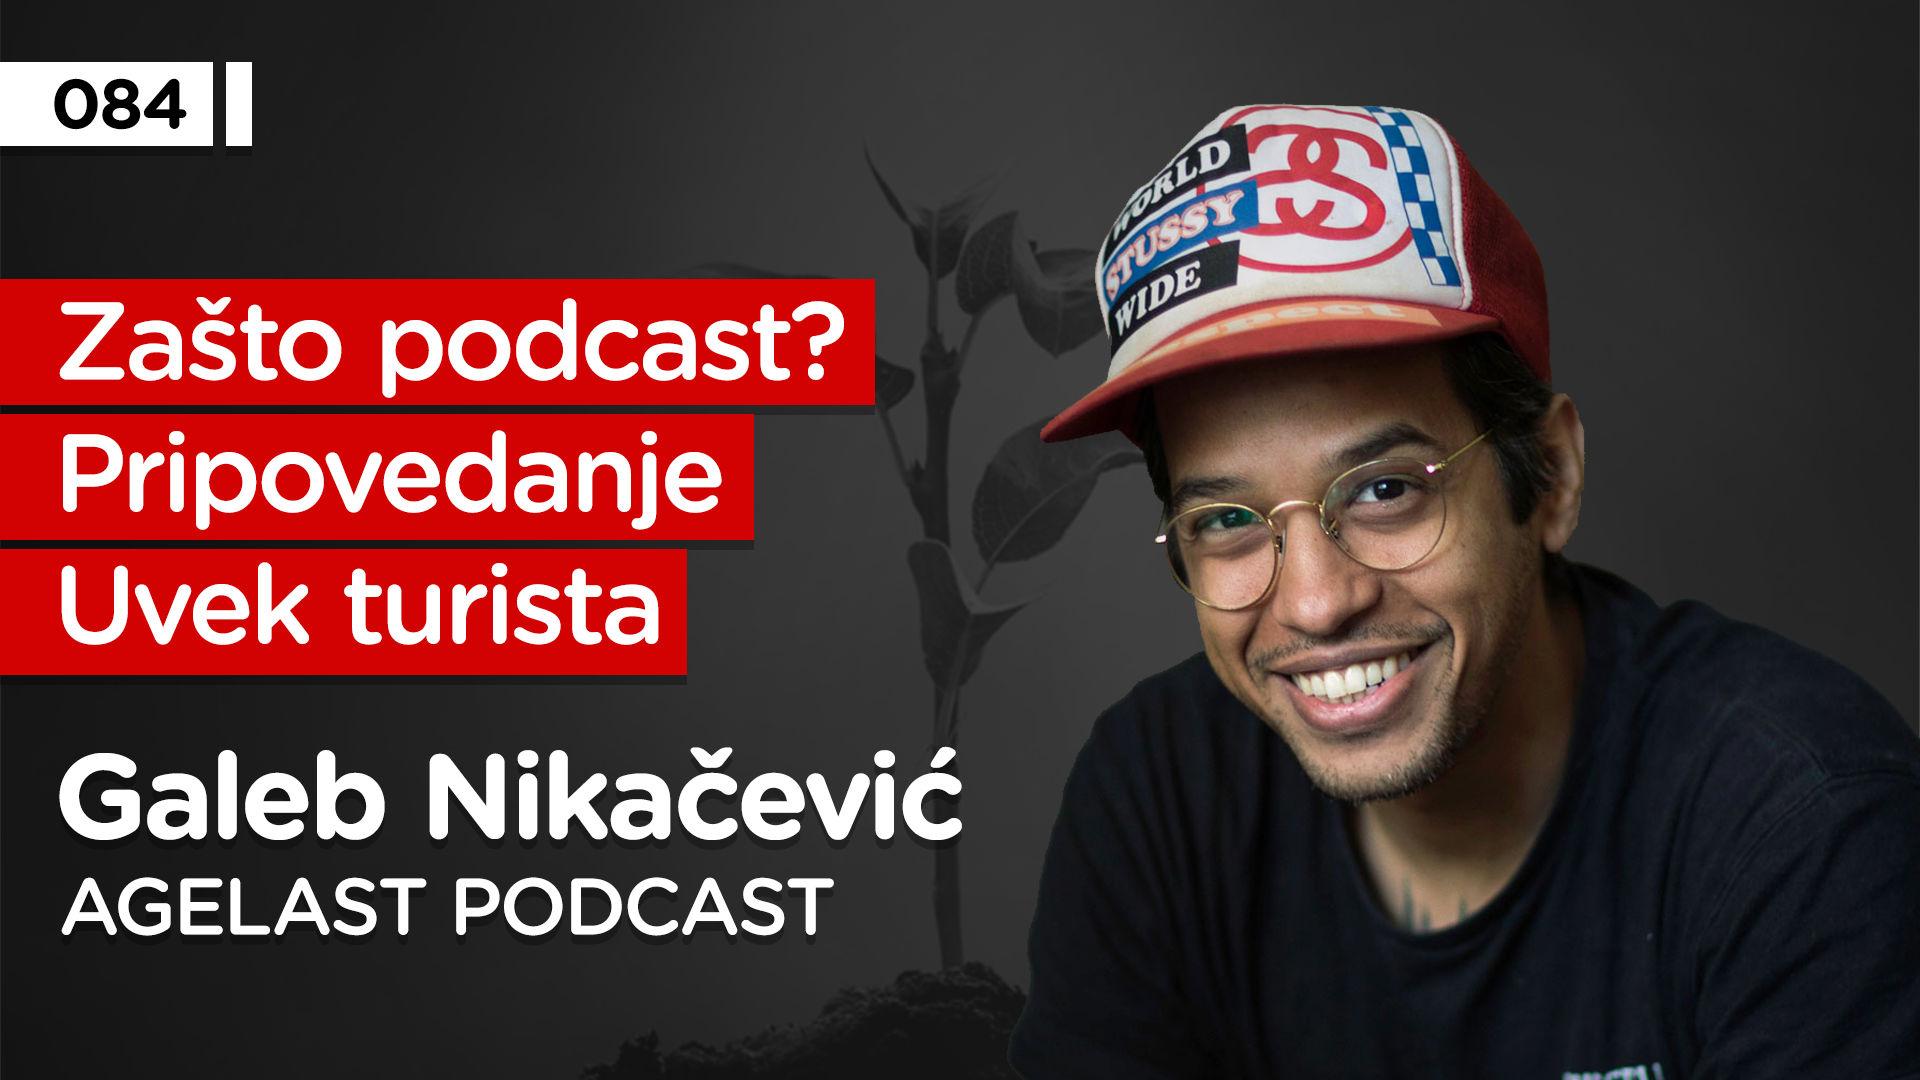 EP084: Galeb Nikačević